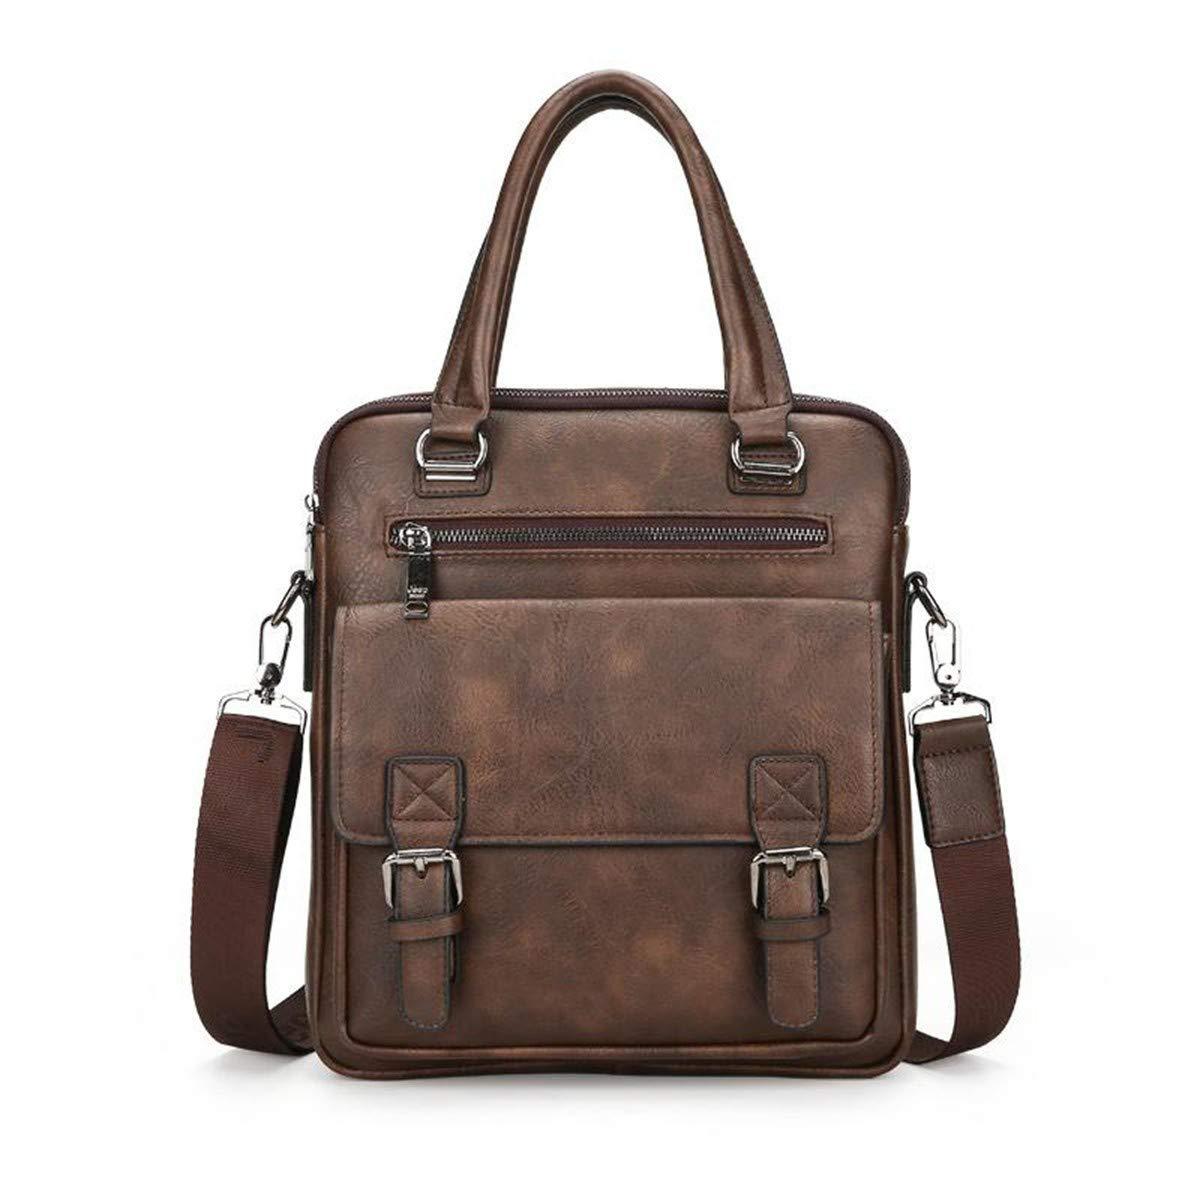 Lianai11 Laptoptasche Herren Split Leder Tote Reißverschluss Herren Geschäft Polyester Zwei Niet Tasche weichen Griff 14 Zoll Aktentasche